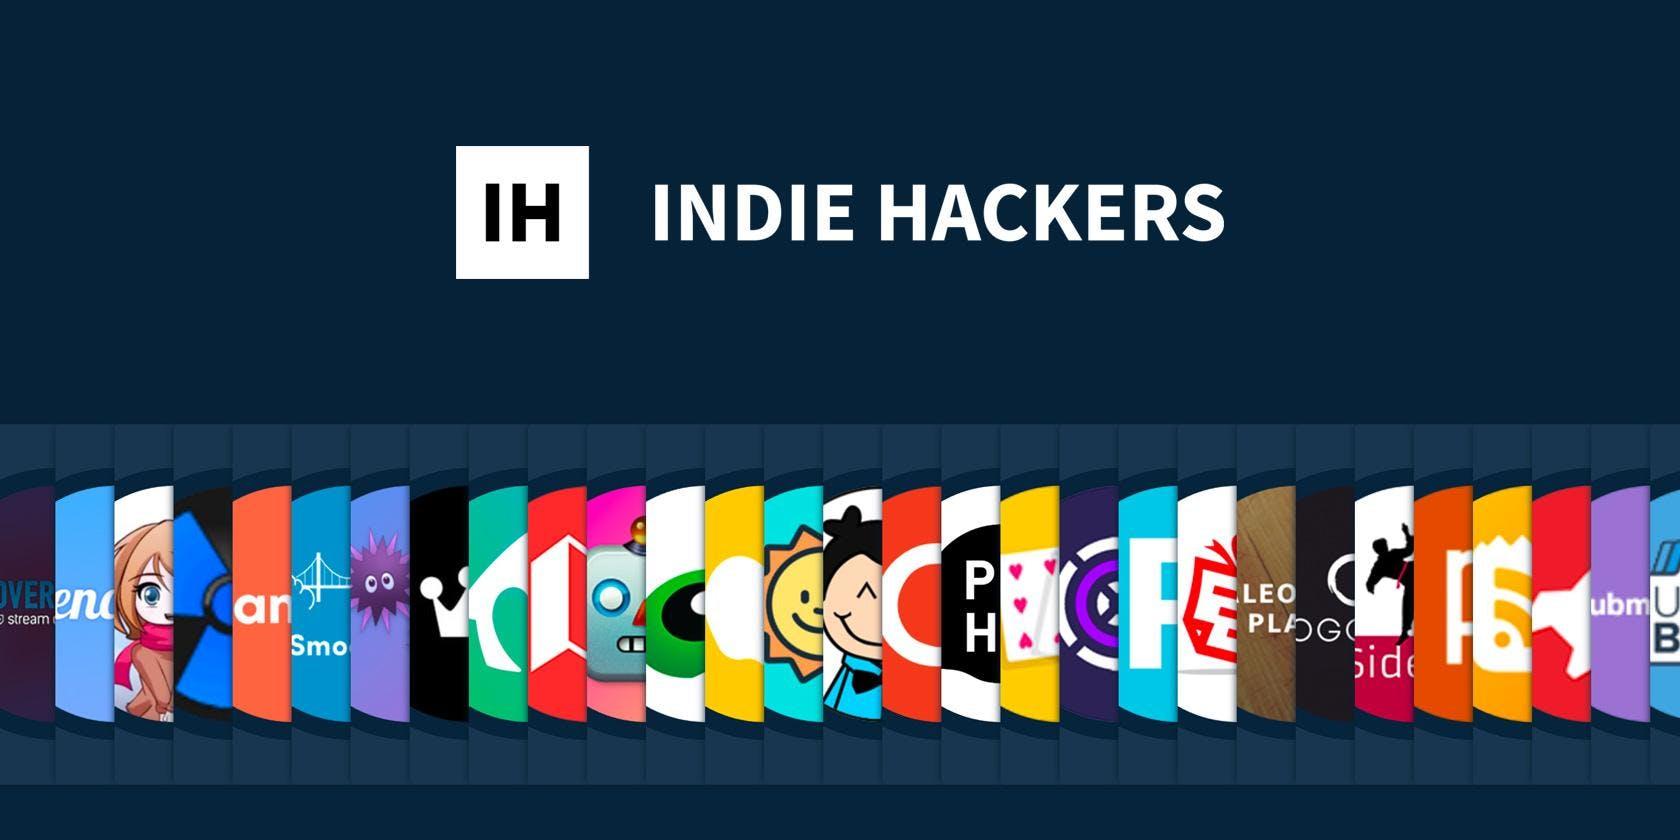 Phoenix Indie Hacker 2nd Meetup